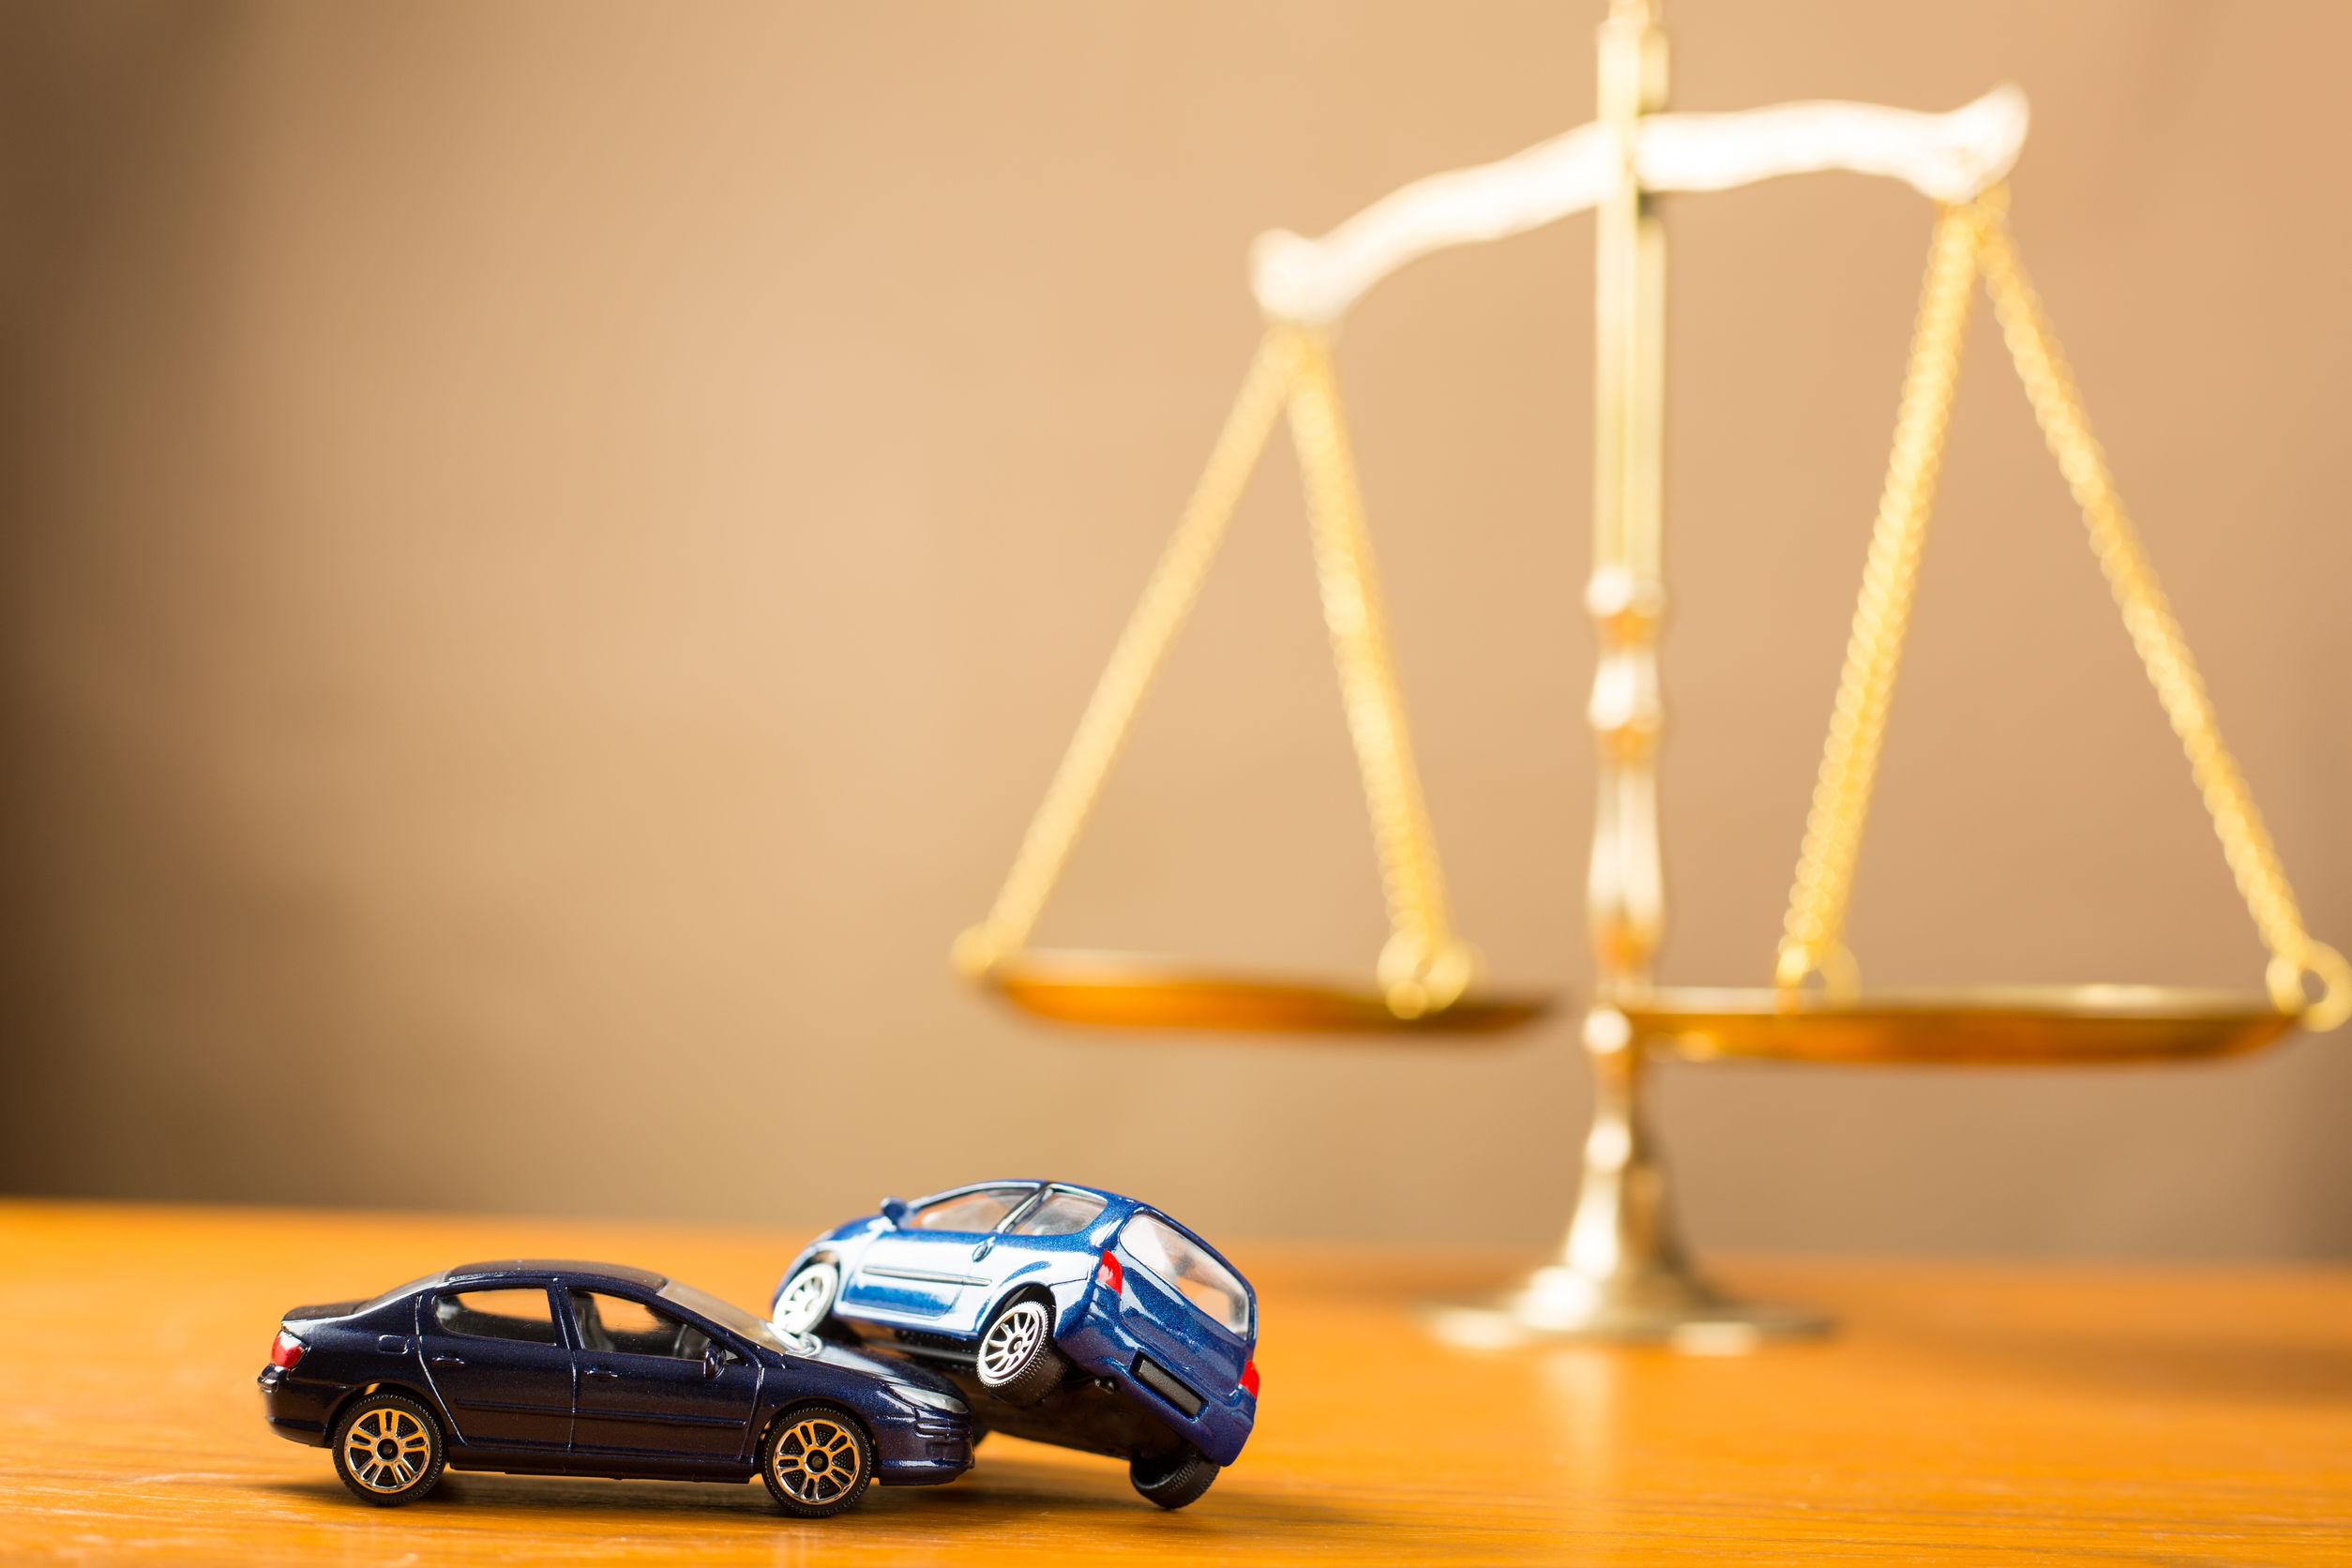 La liquidazione del sinistro: i diritti e i doveri degli assicurati in caso di incidente stradale